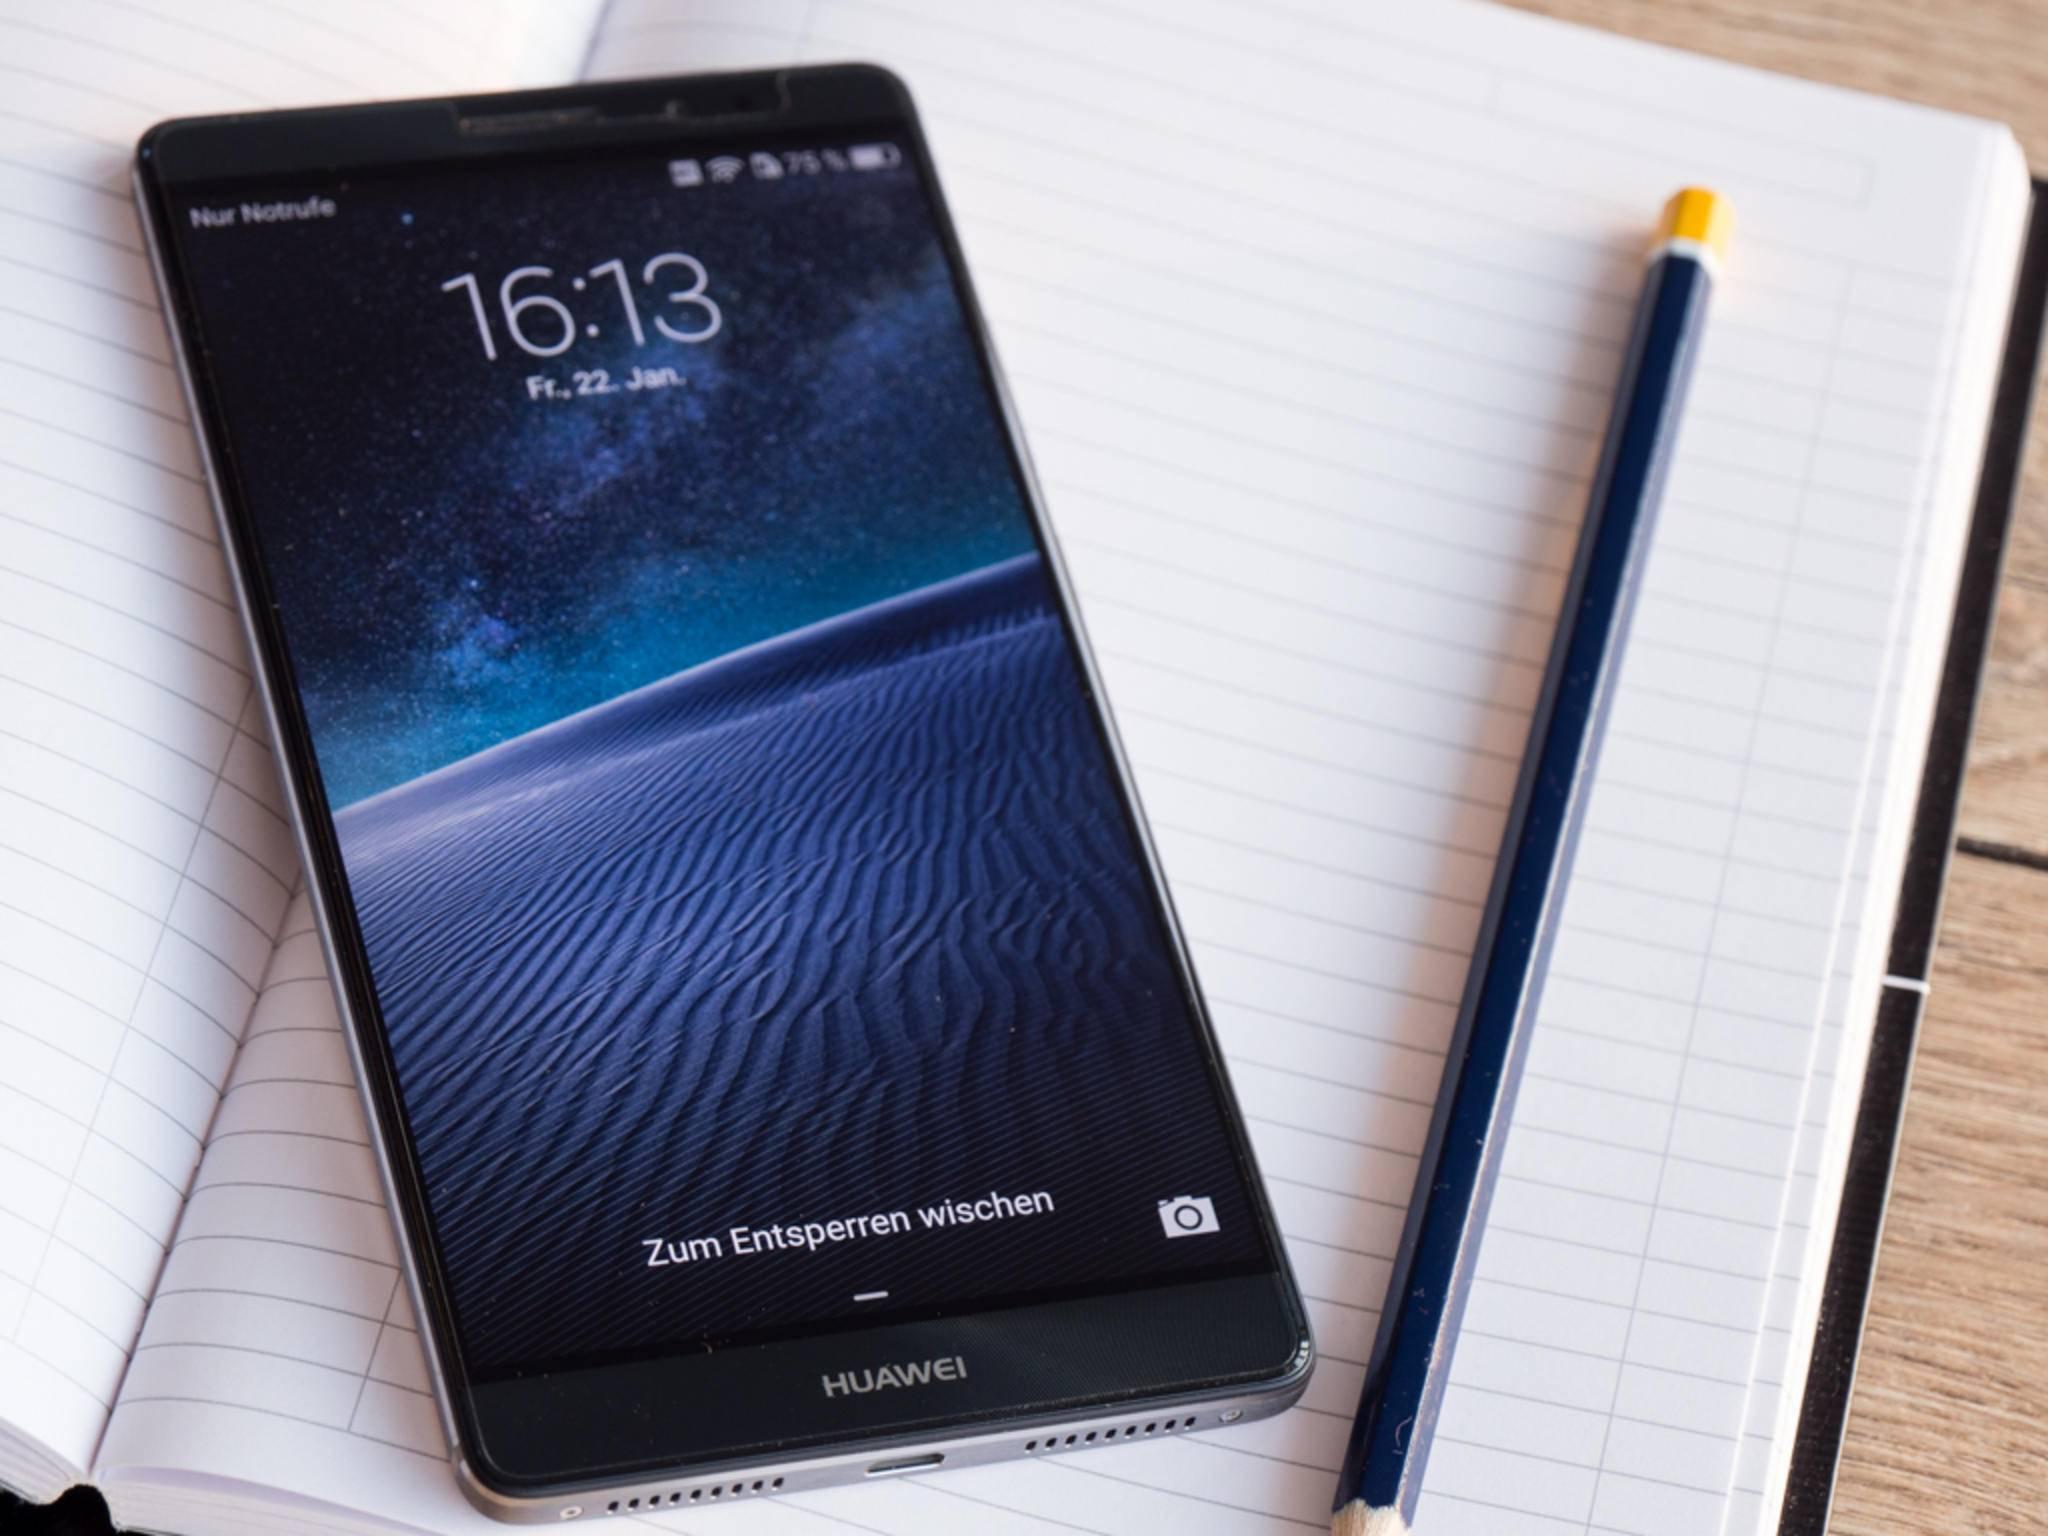 Das Huawei Mate 8 wurde im November 2015 vorgestellt.